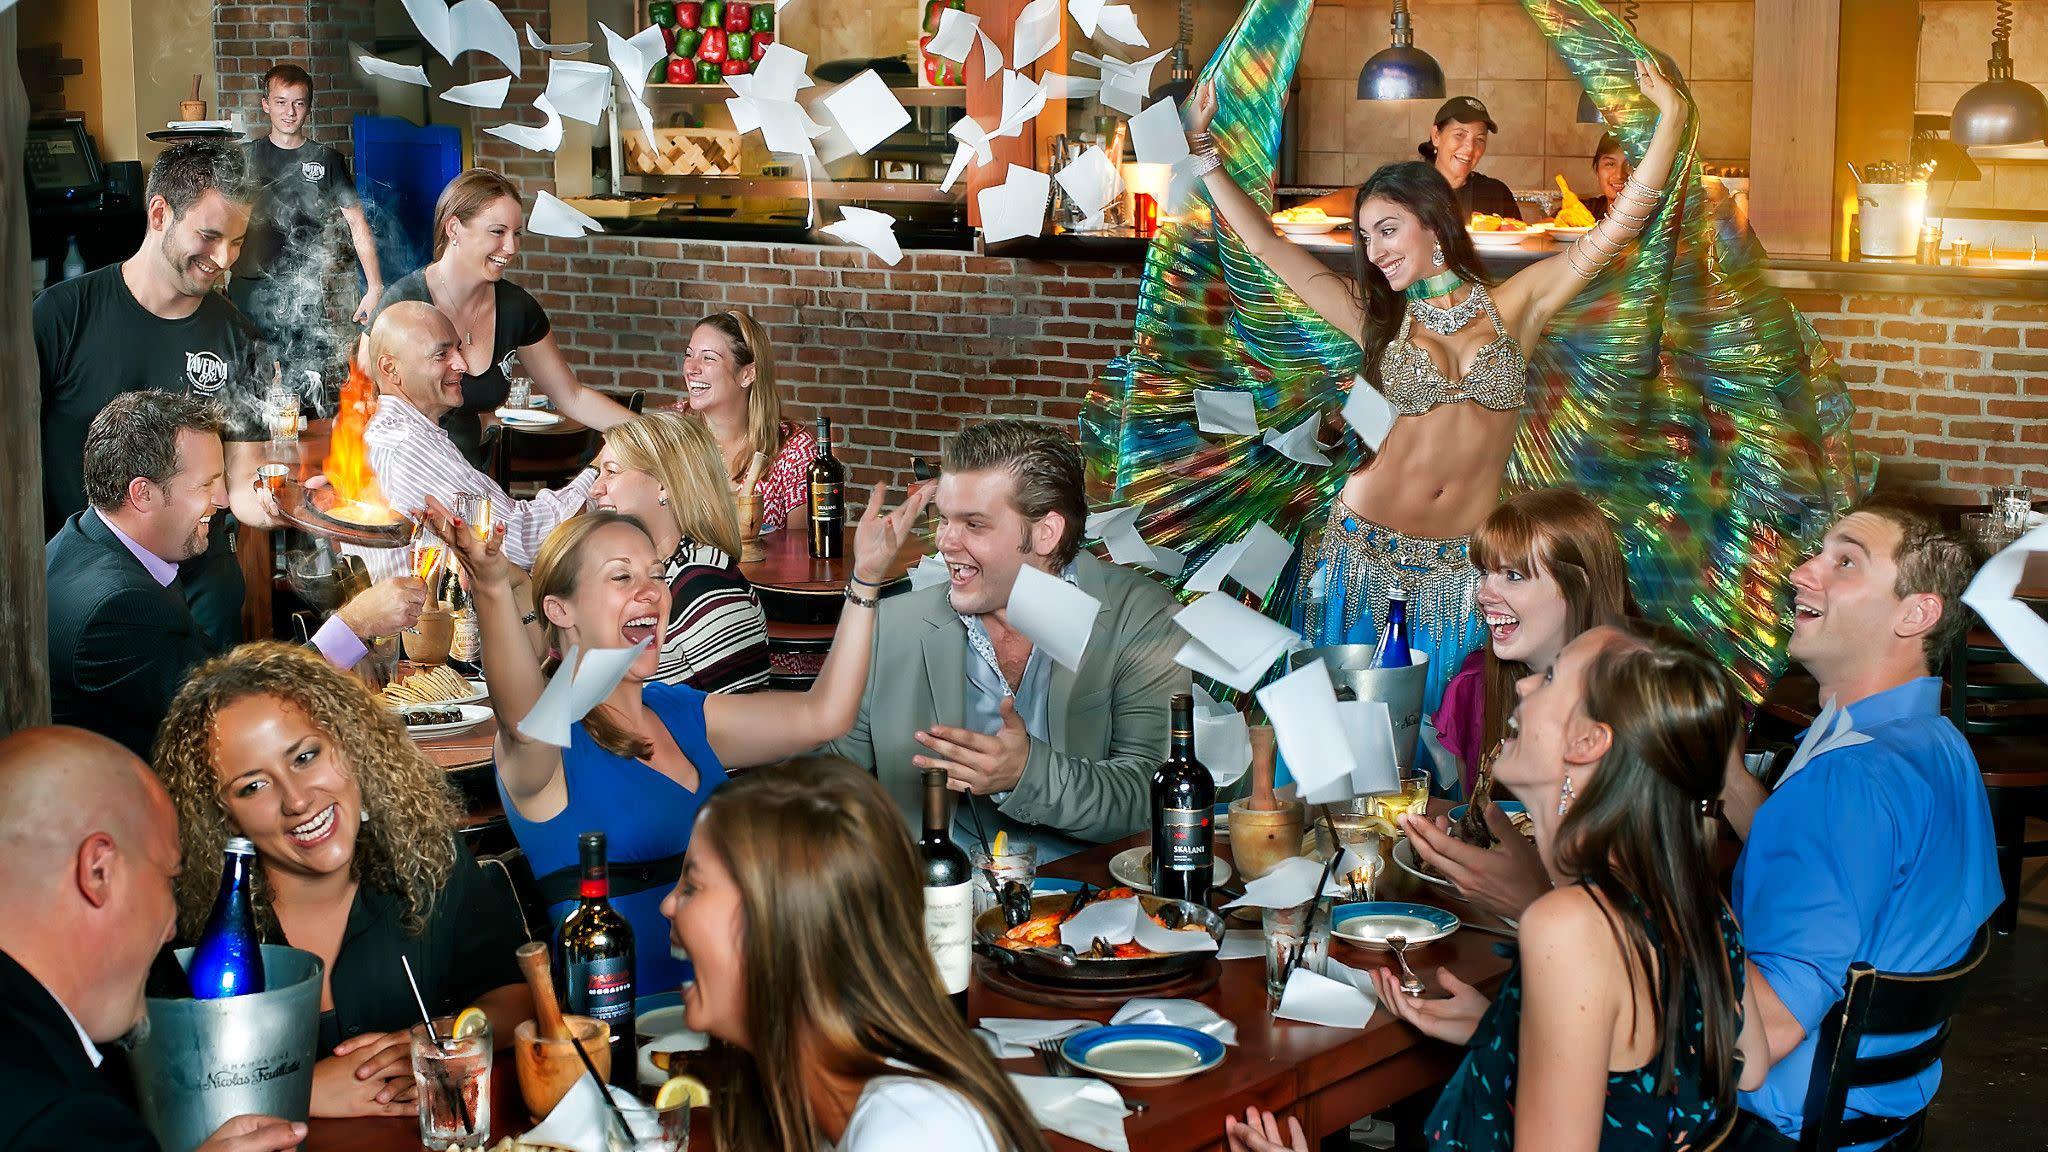 Taverna Opa at Pointe Orlando